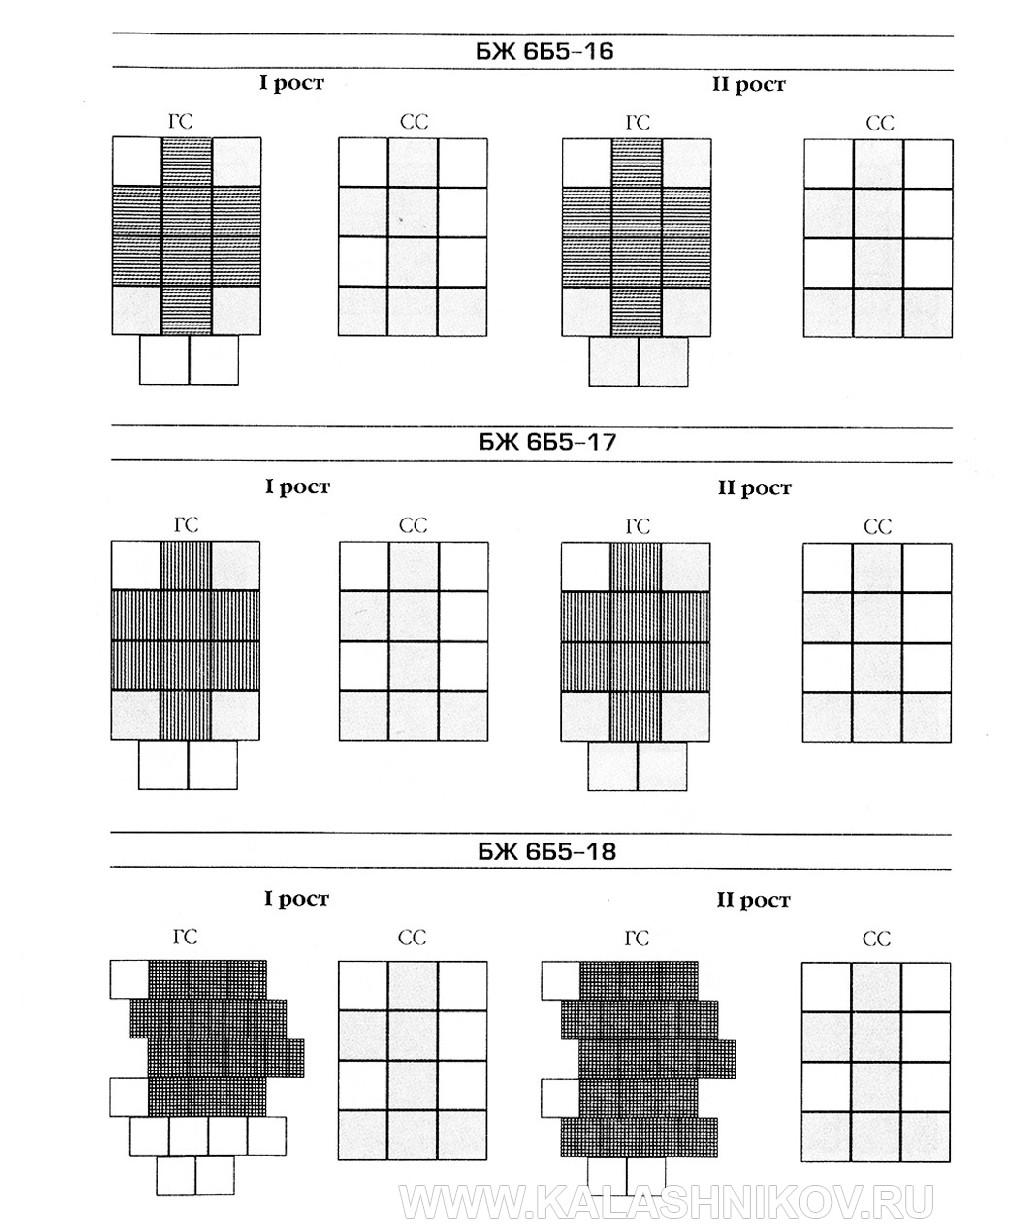 Схема комплектации бронеэлементами бронежилетов 6Б5. фото 3